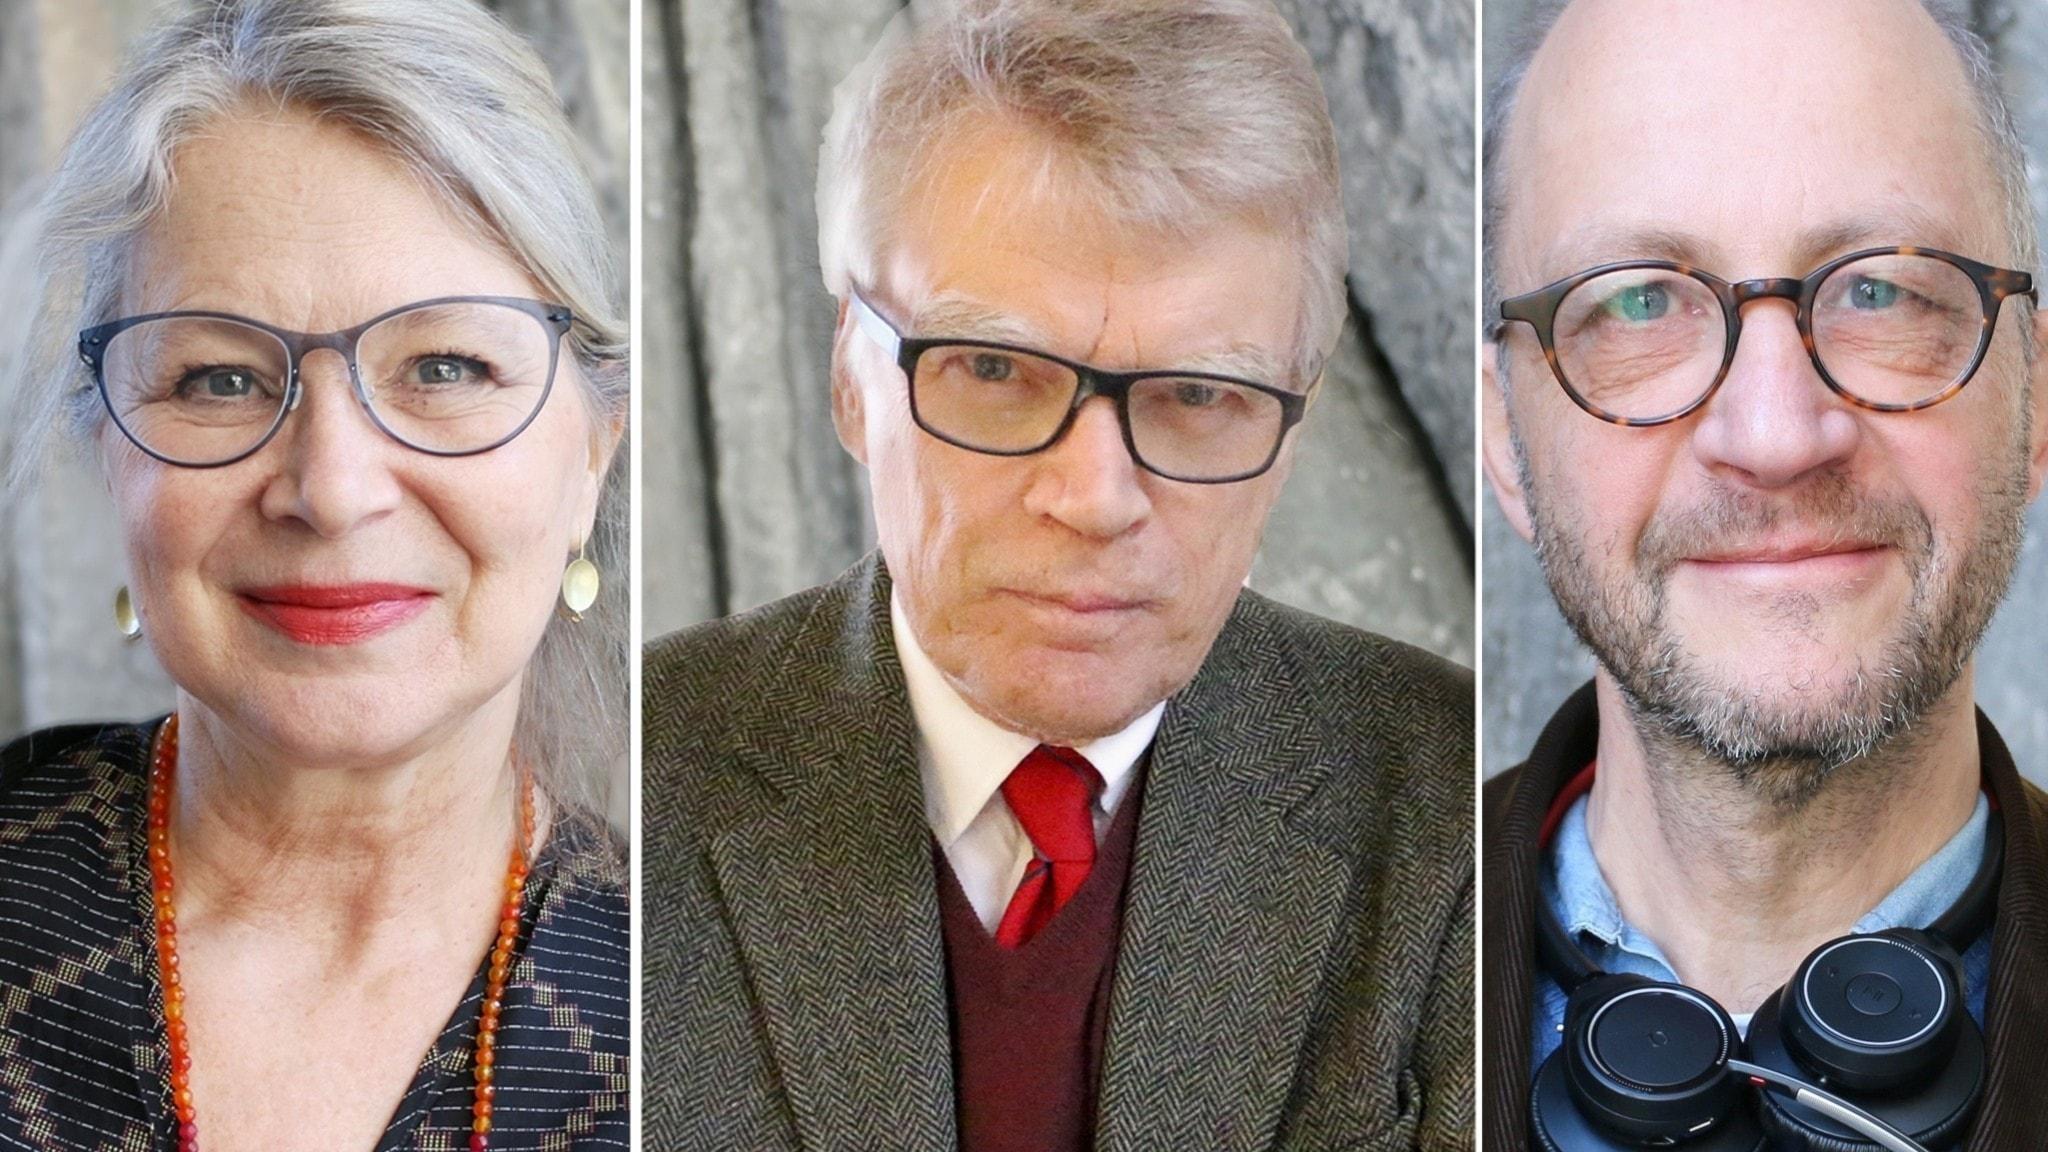 Helena von Zweigbergk, Jonas Hallberg och Per Naroskin. Foto Ronnie Ritterland Sveriges Radio